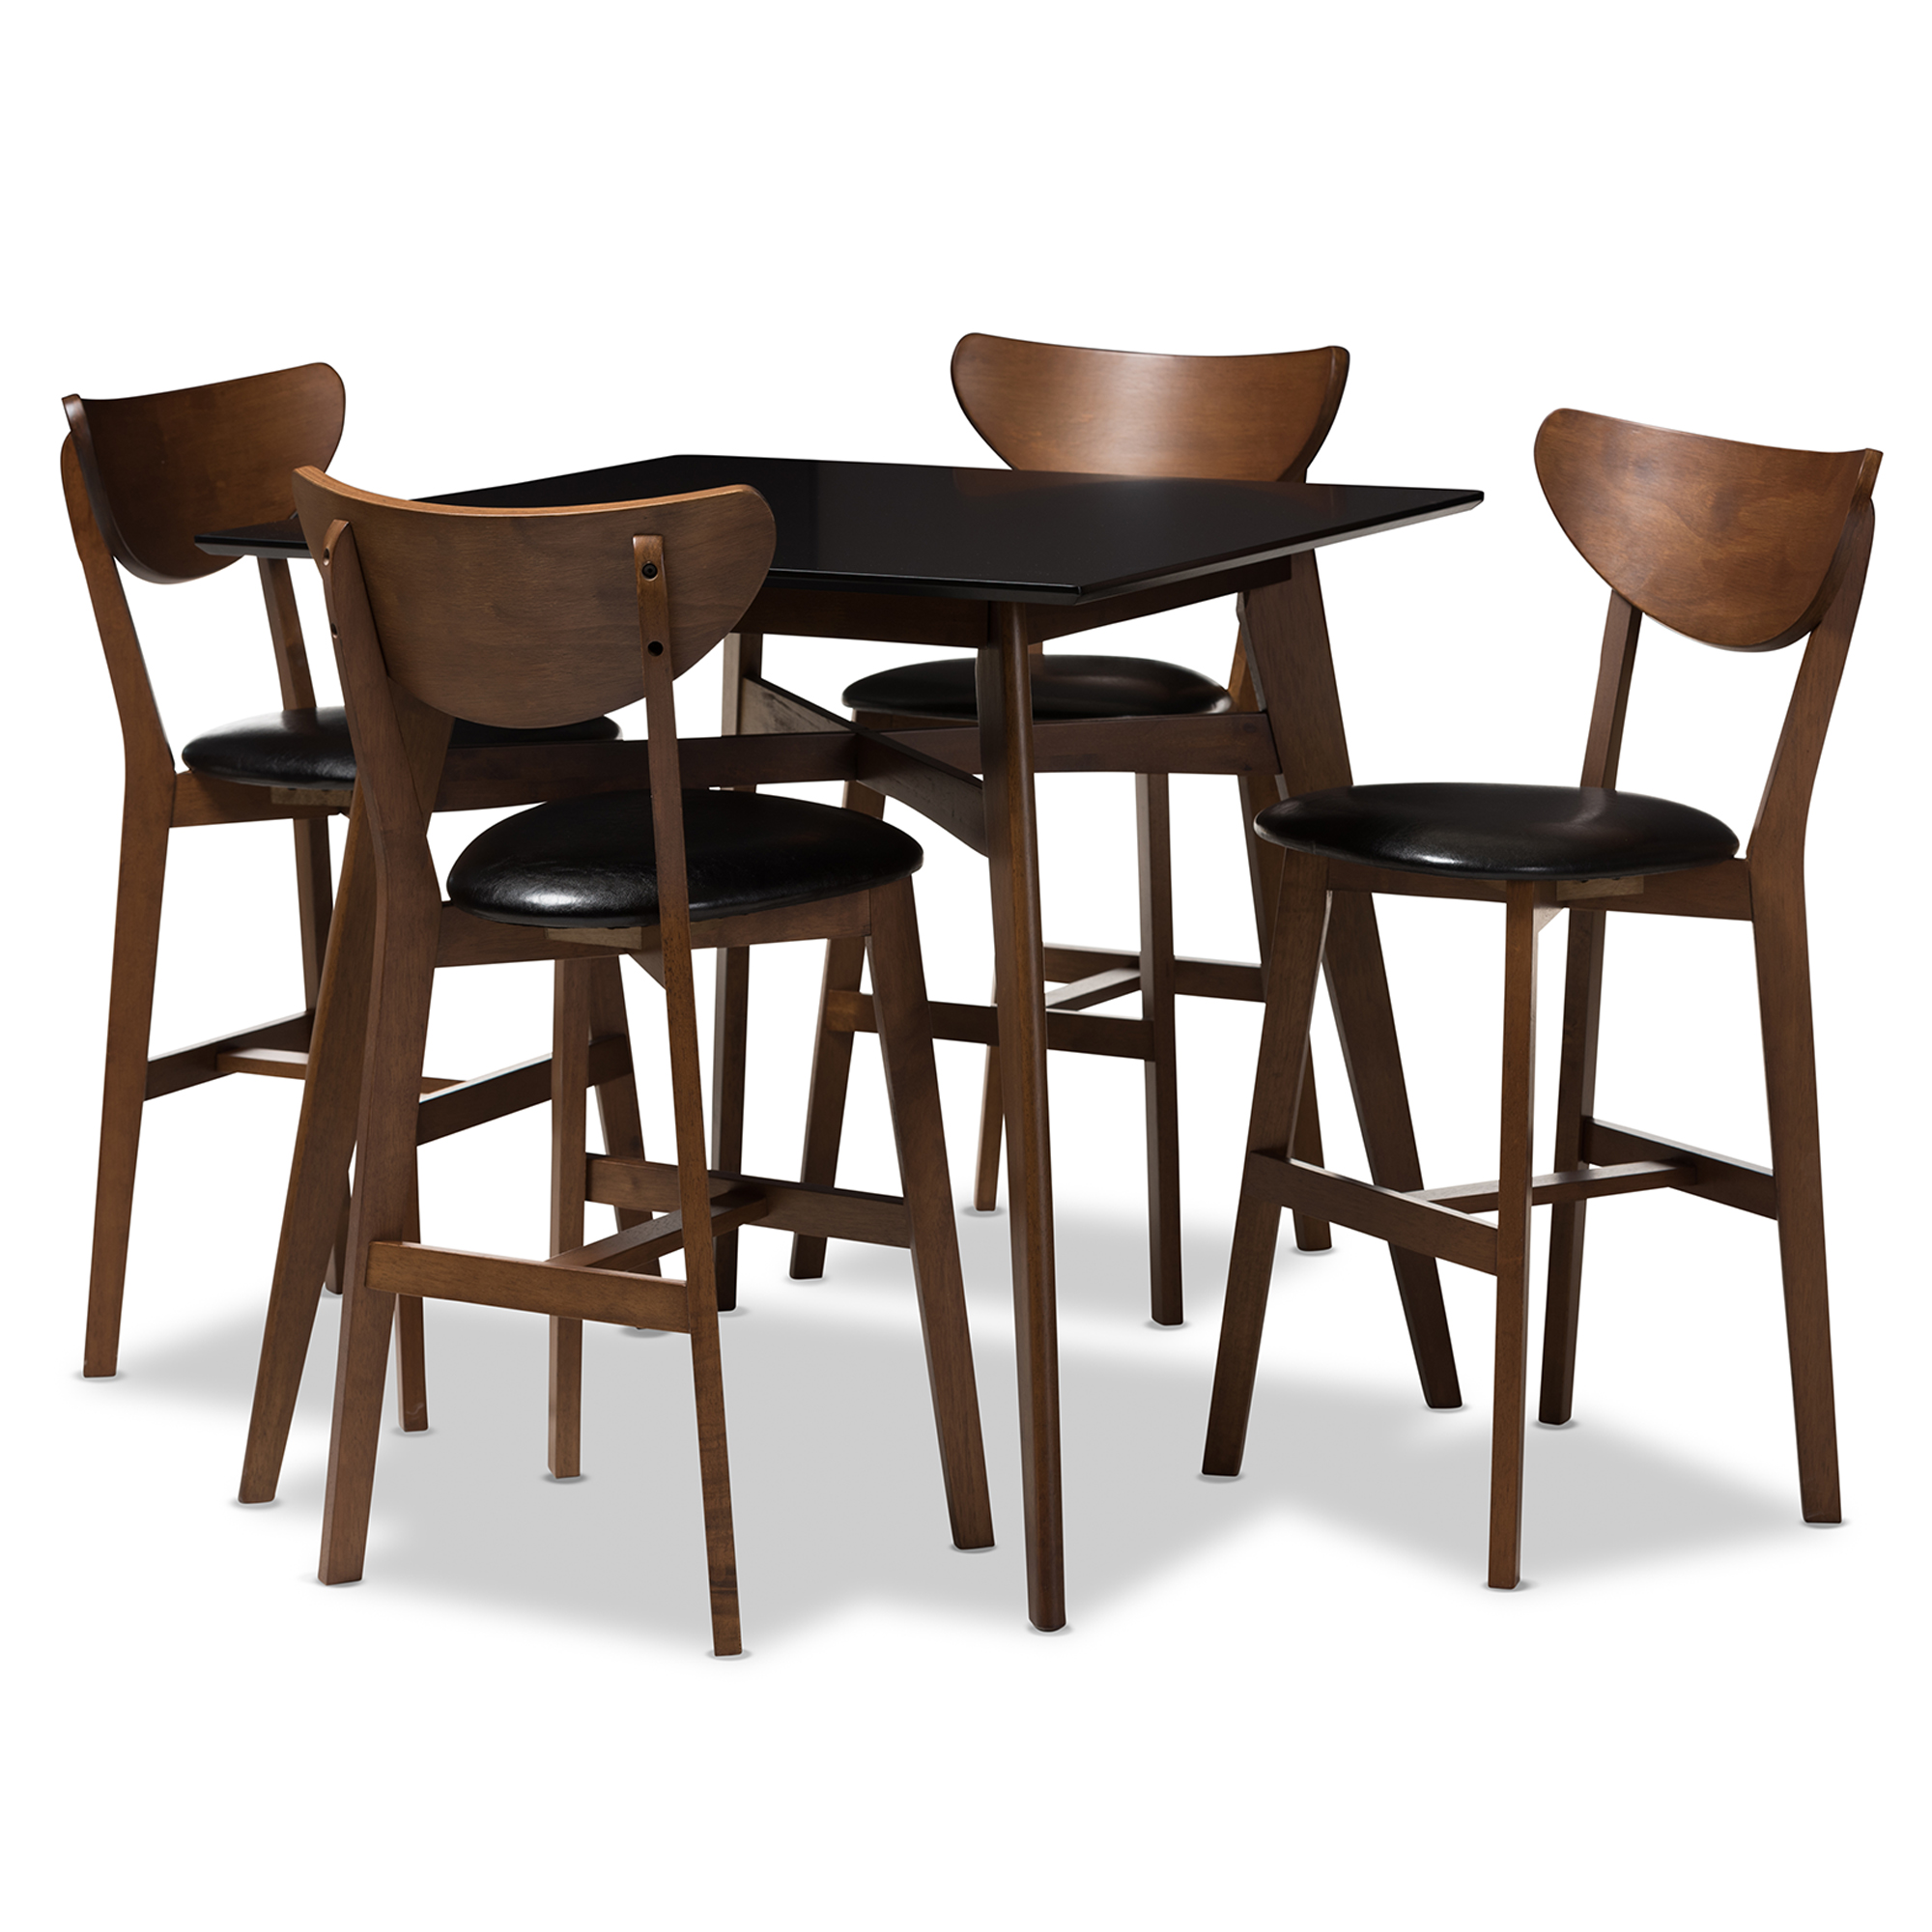 Baxton Studio Eline MidCentury Modern Black Faux Leather - Mid century modern pub table